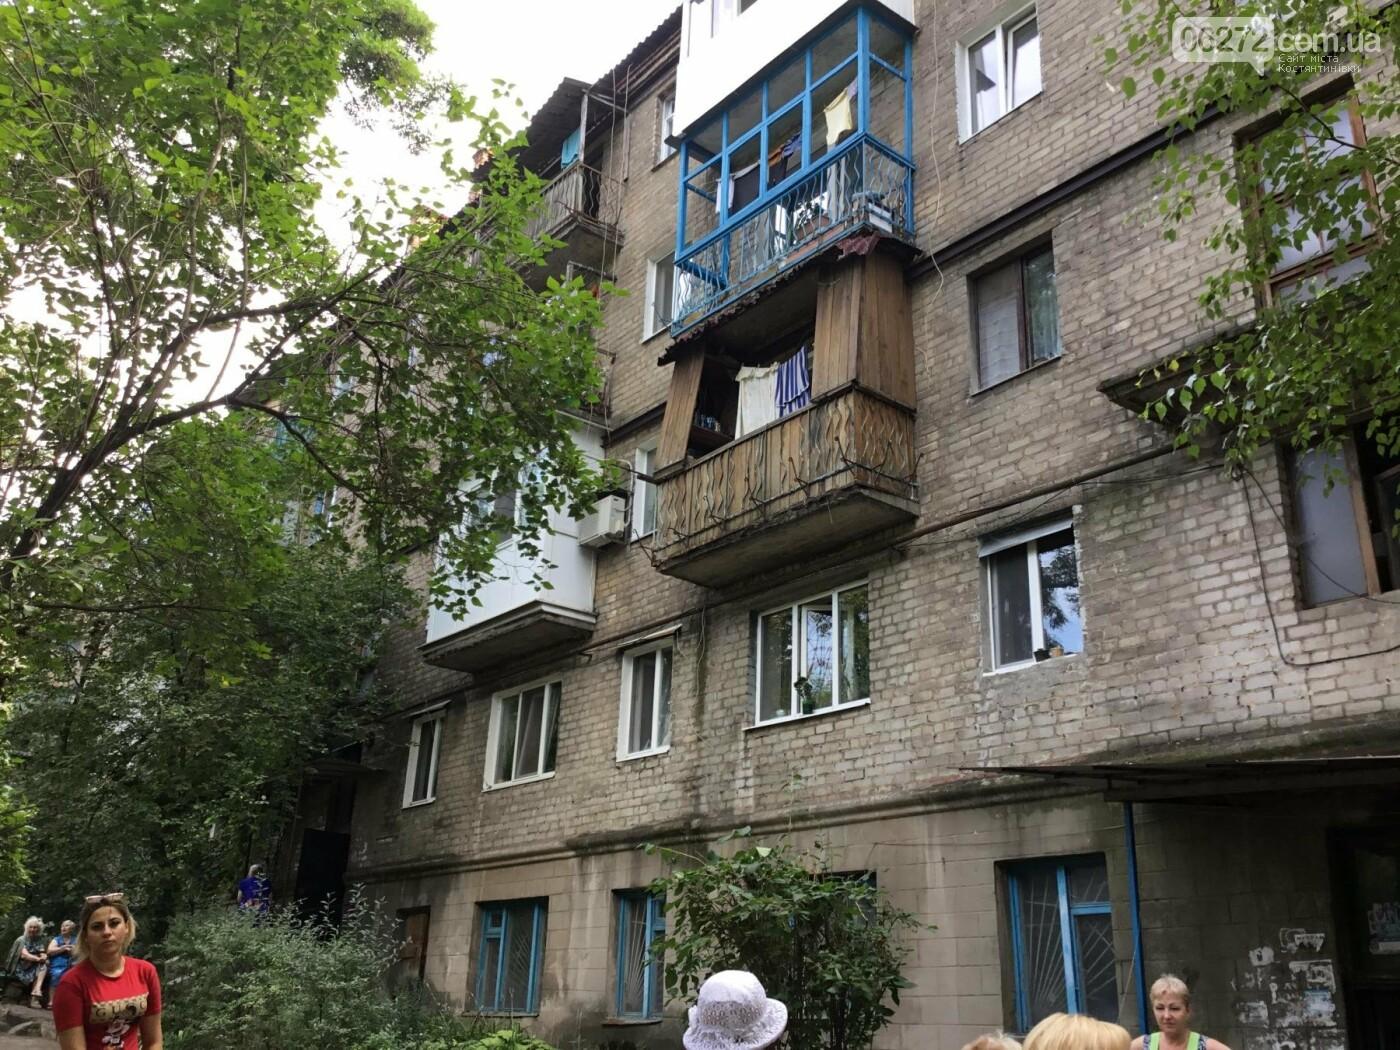 Жители Константиновской многоэтажки против пункта приема вторсырья в их доме, фото-8